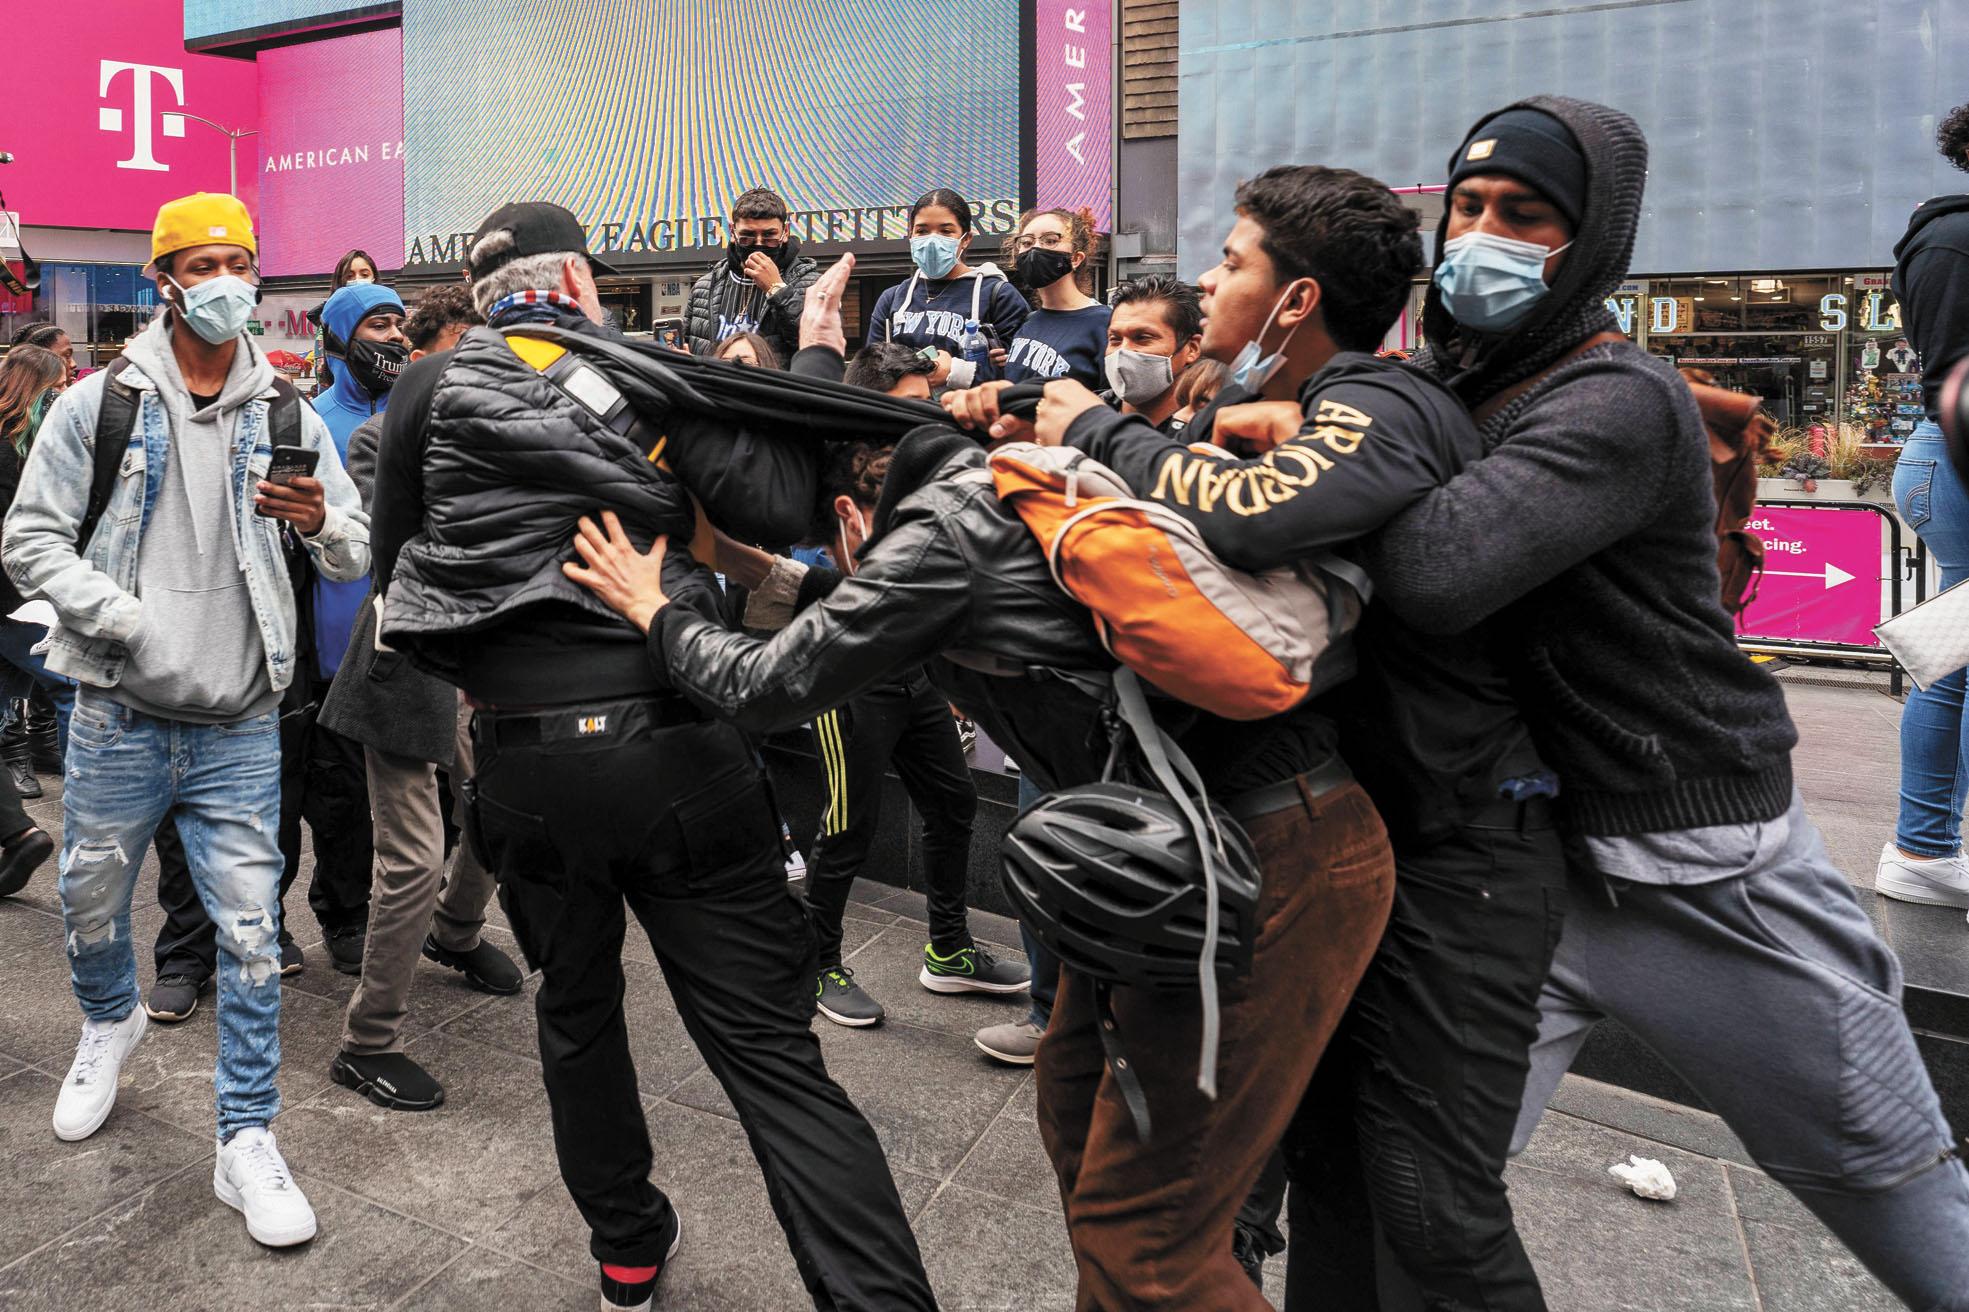 ■10月25日,特朗普的支持者和反對者在時代廣場發生衝突,展開大混戰。法新社